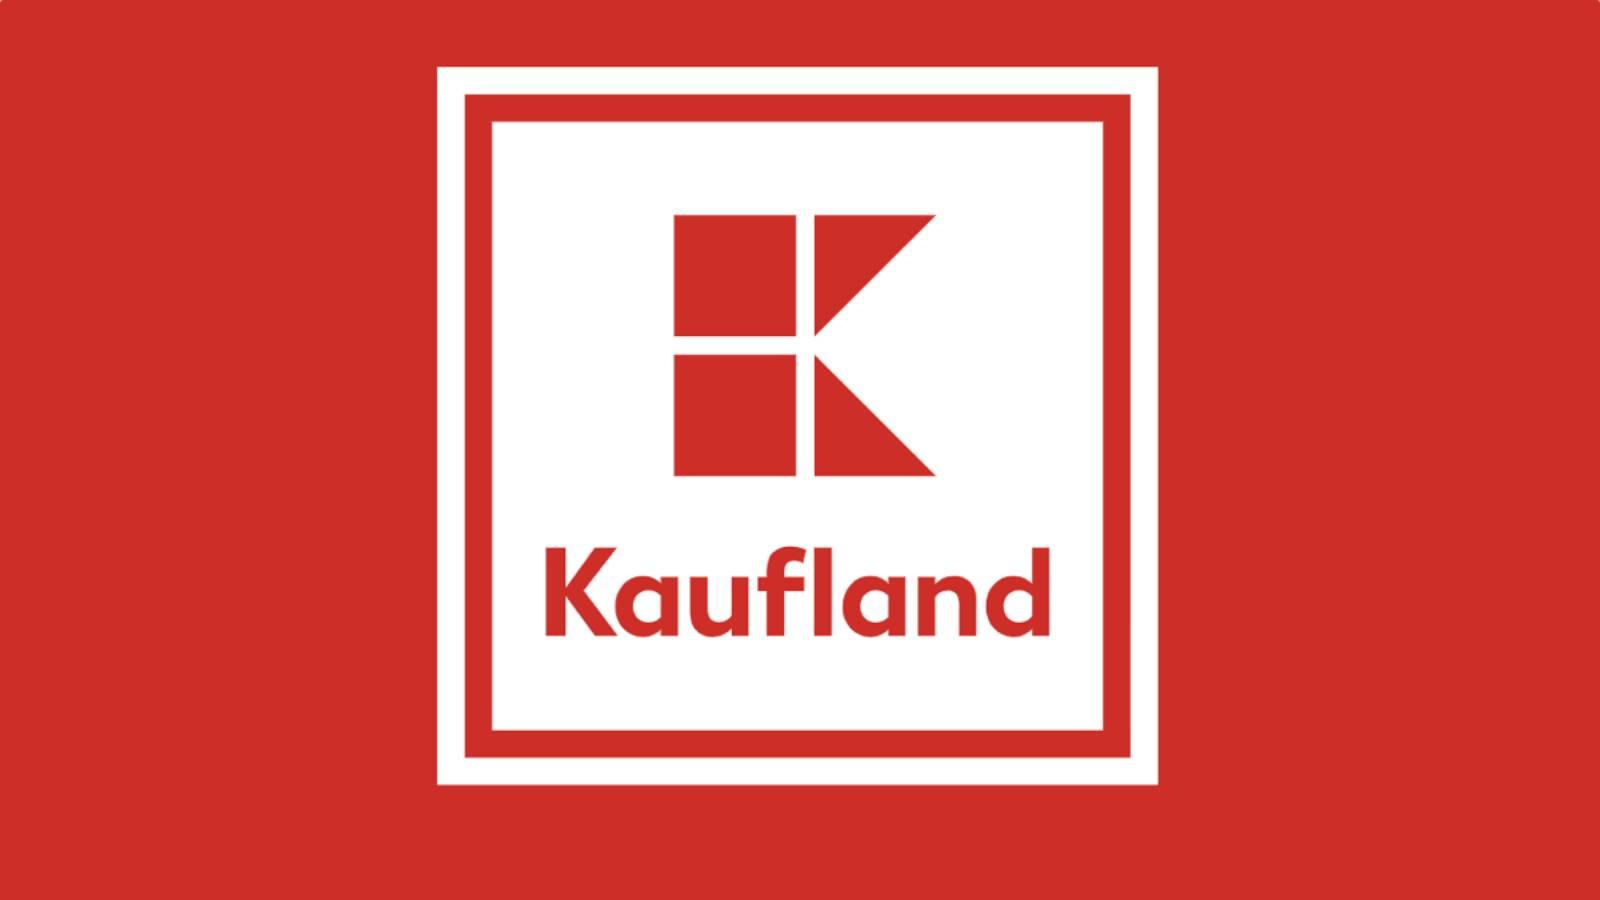 Kaufland cantitati